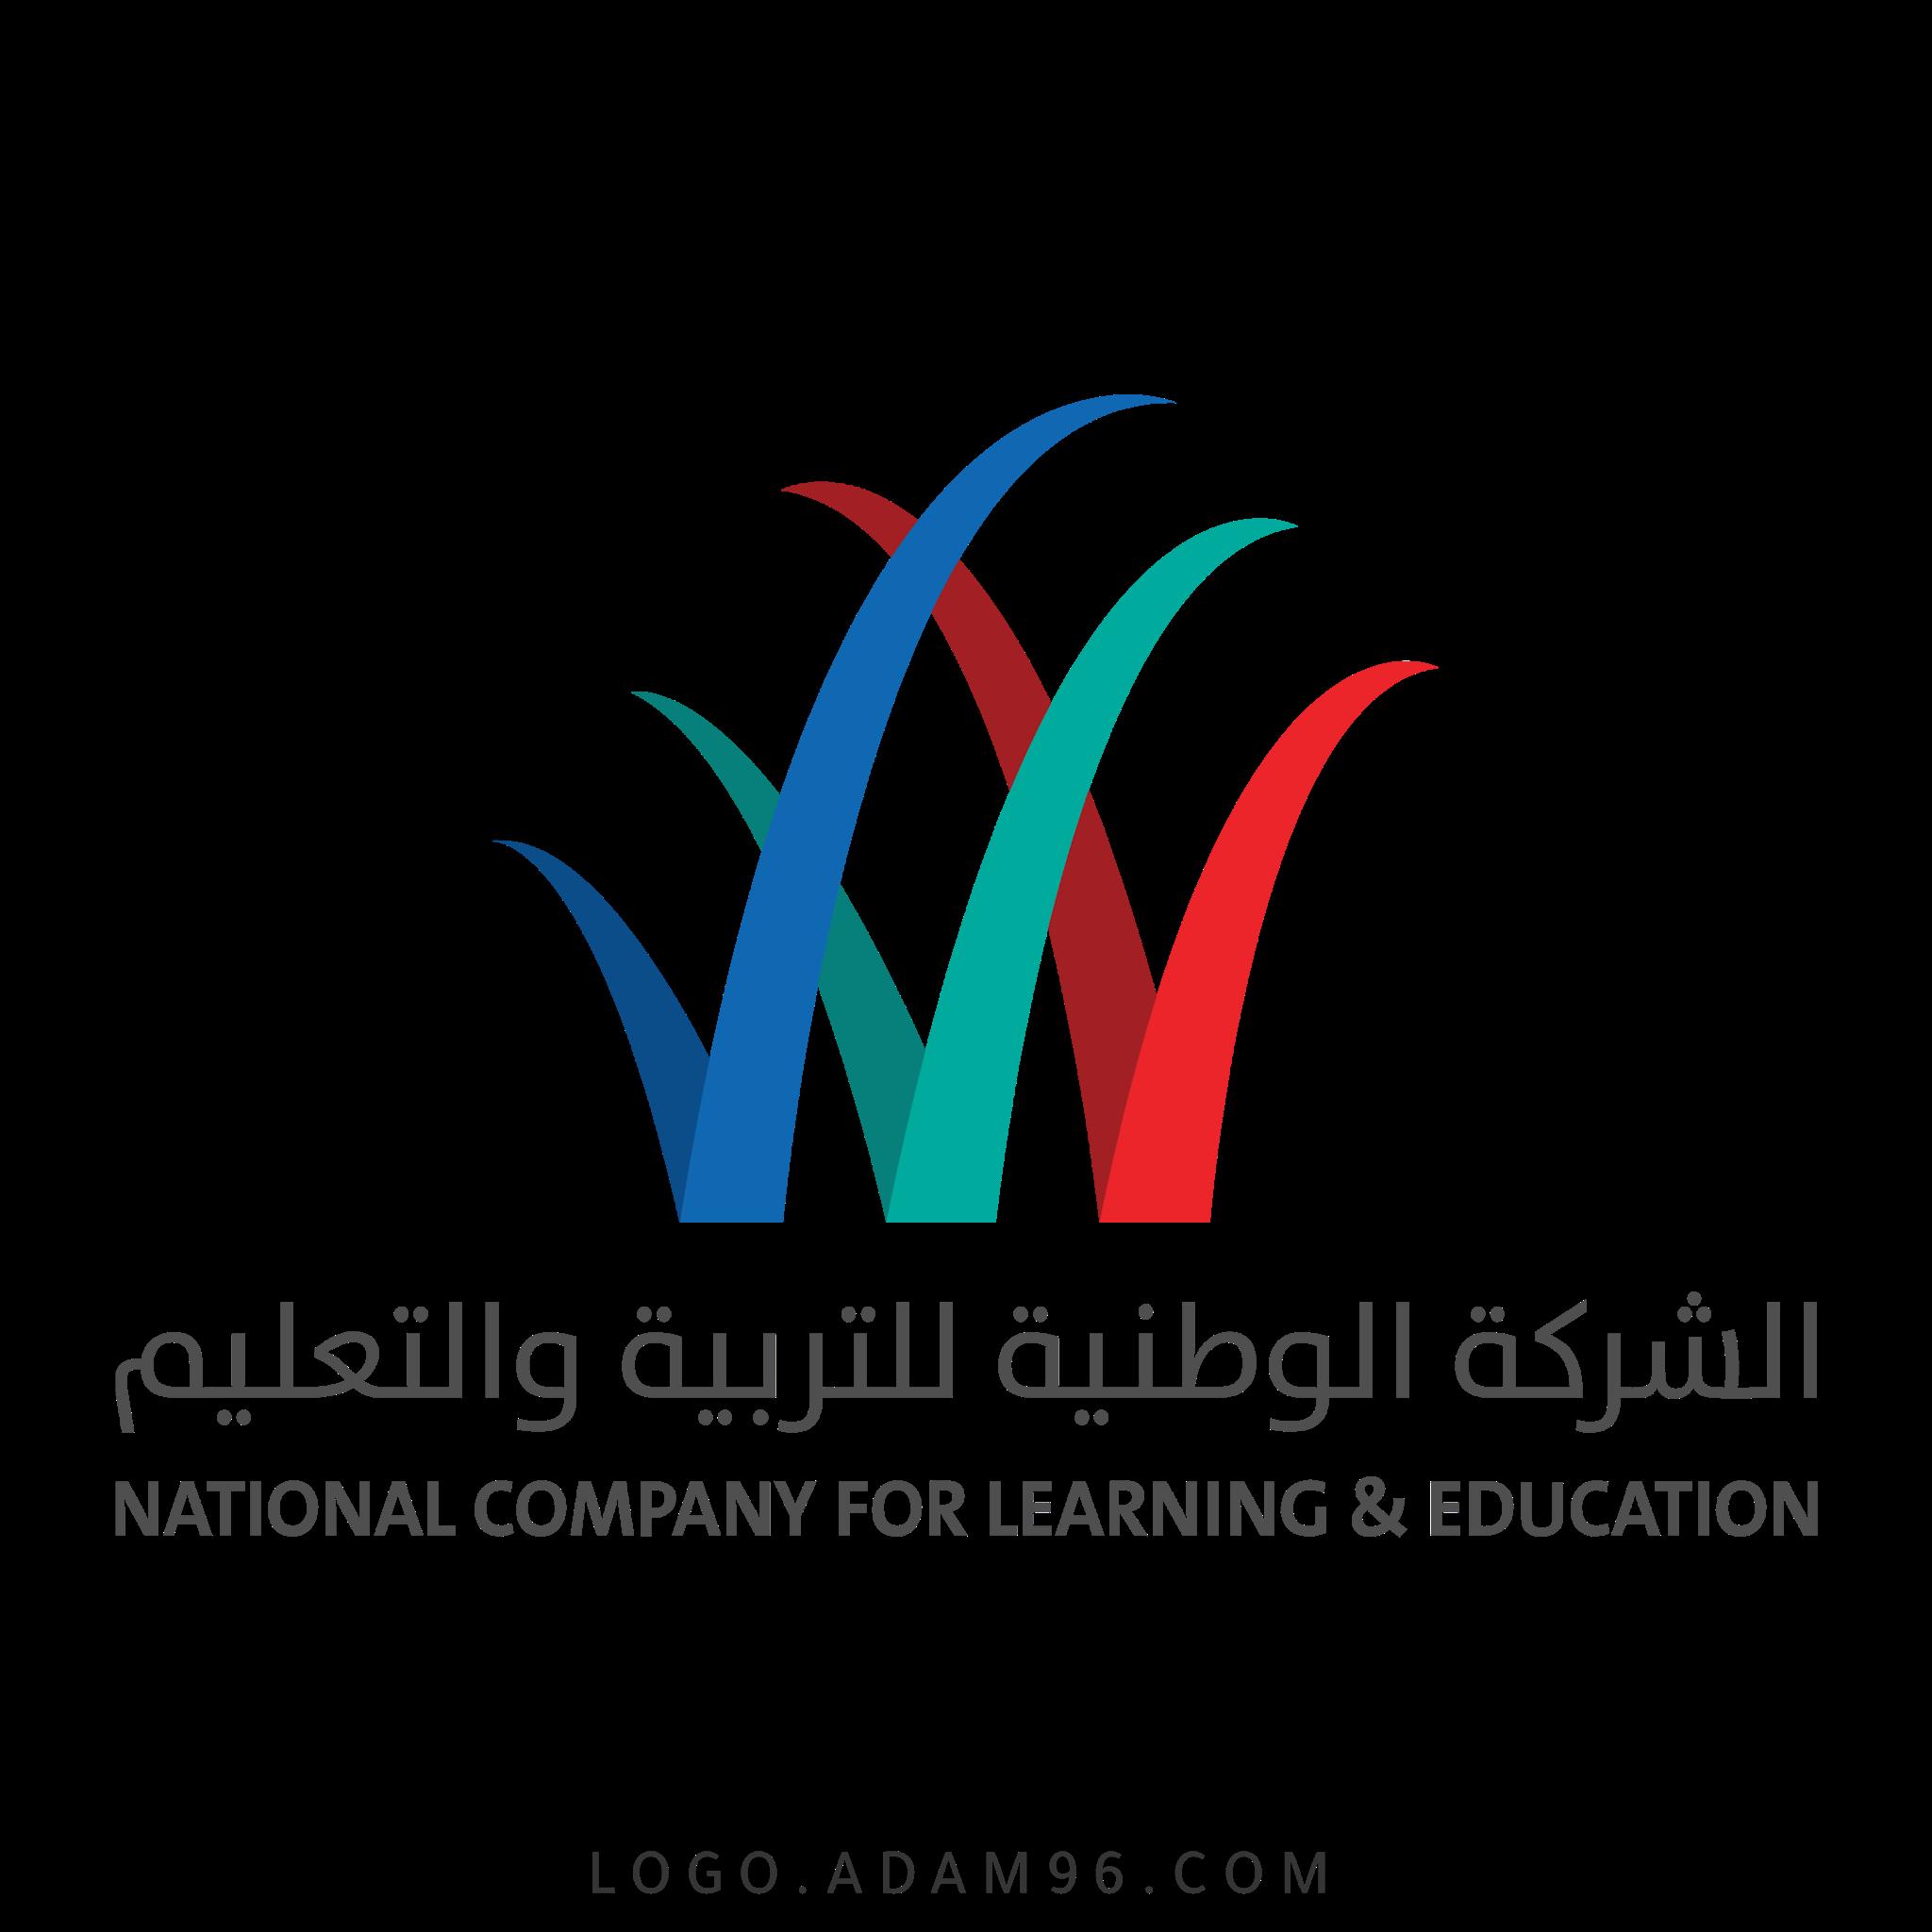 تحميل شعار الشركة الوطنية للتربية والتعليم السعودية لوجو رسمي PNG